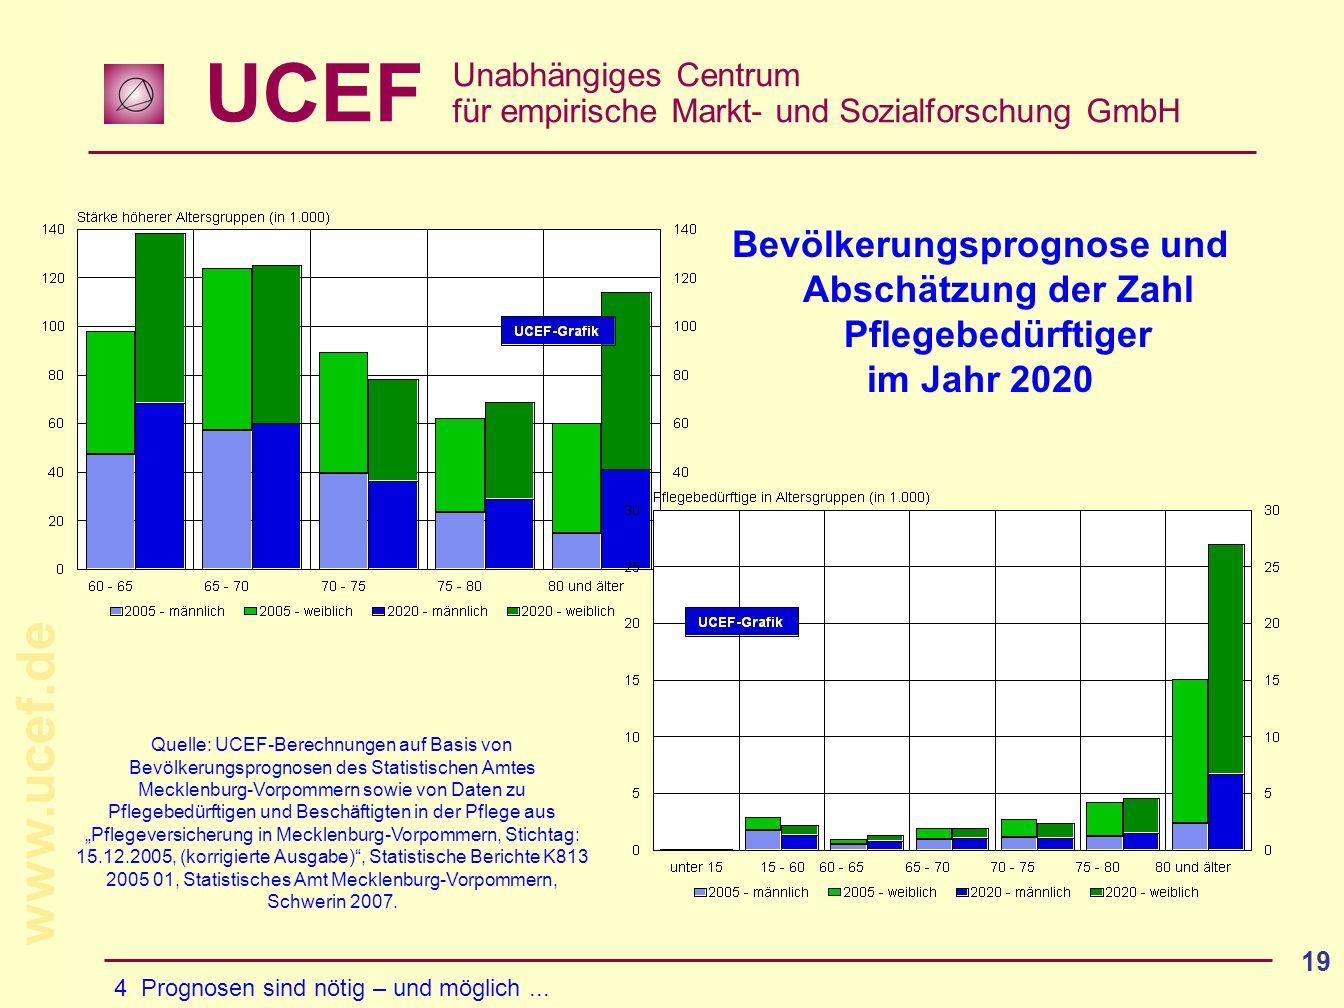 Bevölkerungsprognose und Abschätzung der Zahl Pflegebedürftiger